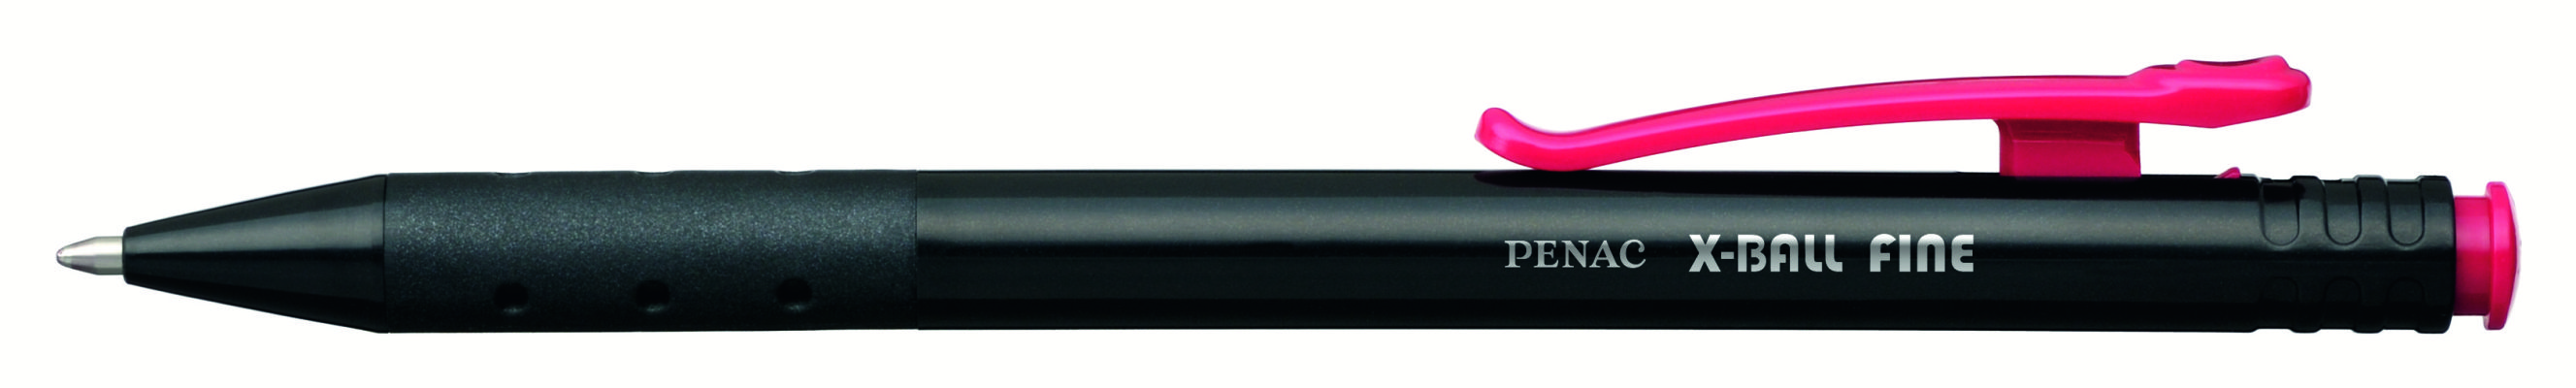 Pix Penac X Ball  Cu Mecanism  Rubber Grip  0.7mm  Corp Negru Cu Clema Colorata - Scriere Rosie